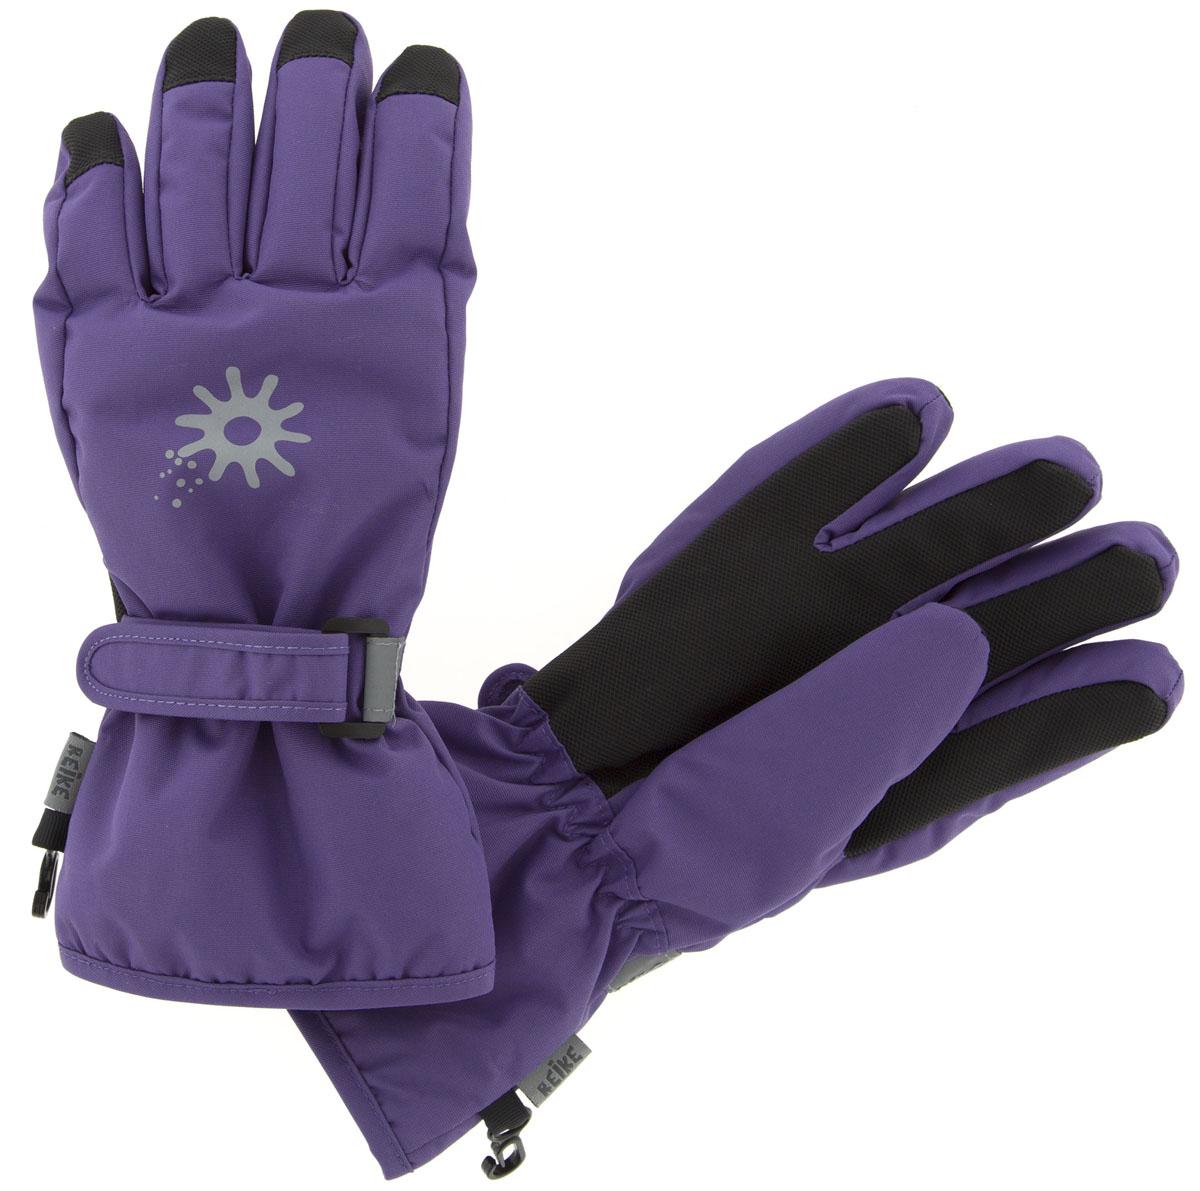 Перчатки для девочки Reike Зимние звезды, цвет: фиолетовый. RW18_WSR purple. Размер 6RW18_WSR purpleПерчатки для девочки Reike Зимние звезды выполнены из ветрозащитной, водонепроницаемой и дышащей мембранной ткани, декорированной принтом в стиле коллекции. Мягкая подкладка из флиса обеспечивает дополнительный комфорт и тепло. Запястья оформлены резинкой и регулируемой липучкой, ладони и пальцы дополнительно усилены.